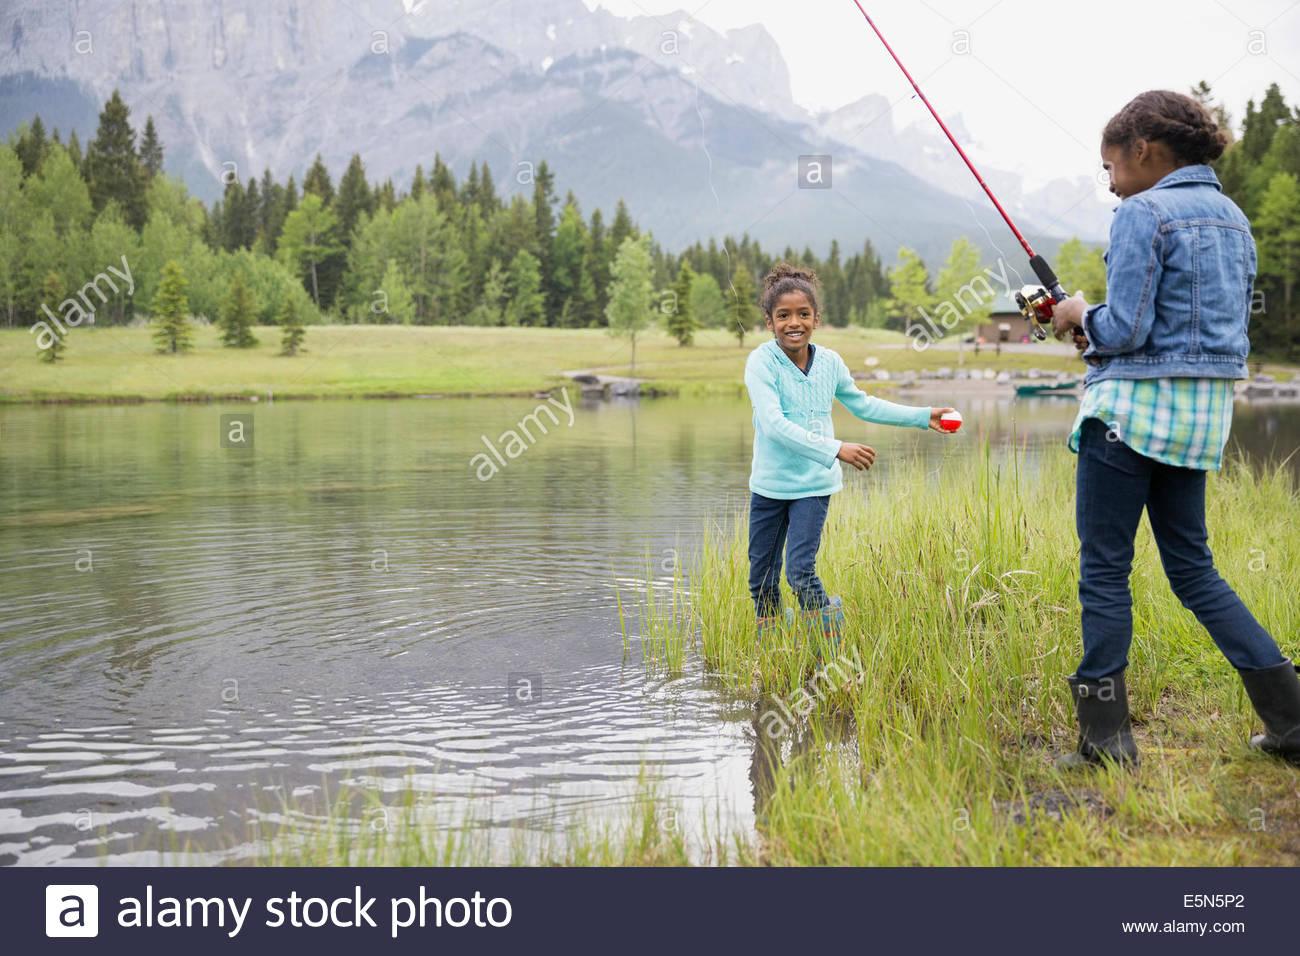 Les sœurs avec des cannes à pêche au bord du lac à pêche Photo Stock